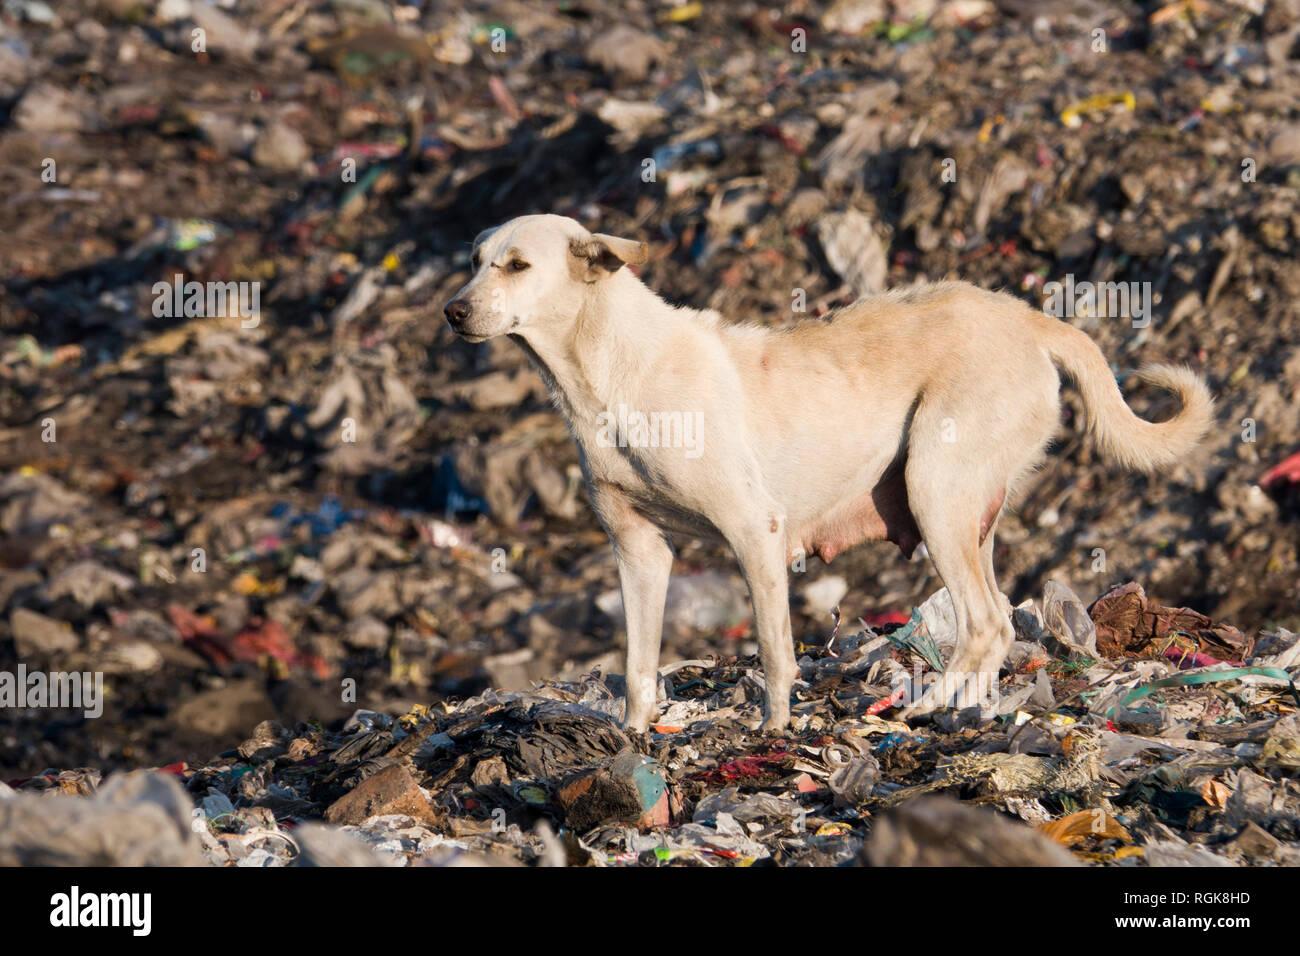 Stray dog among piles of trash at dumping ground in Rishikesh, Uttarakhand, India - Stock Image